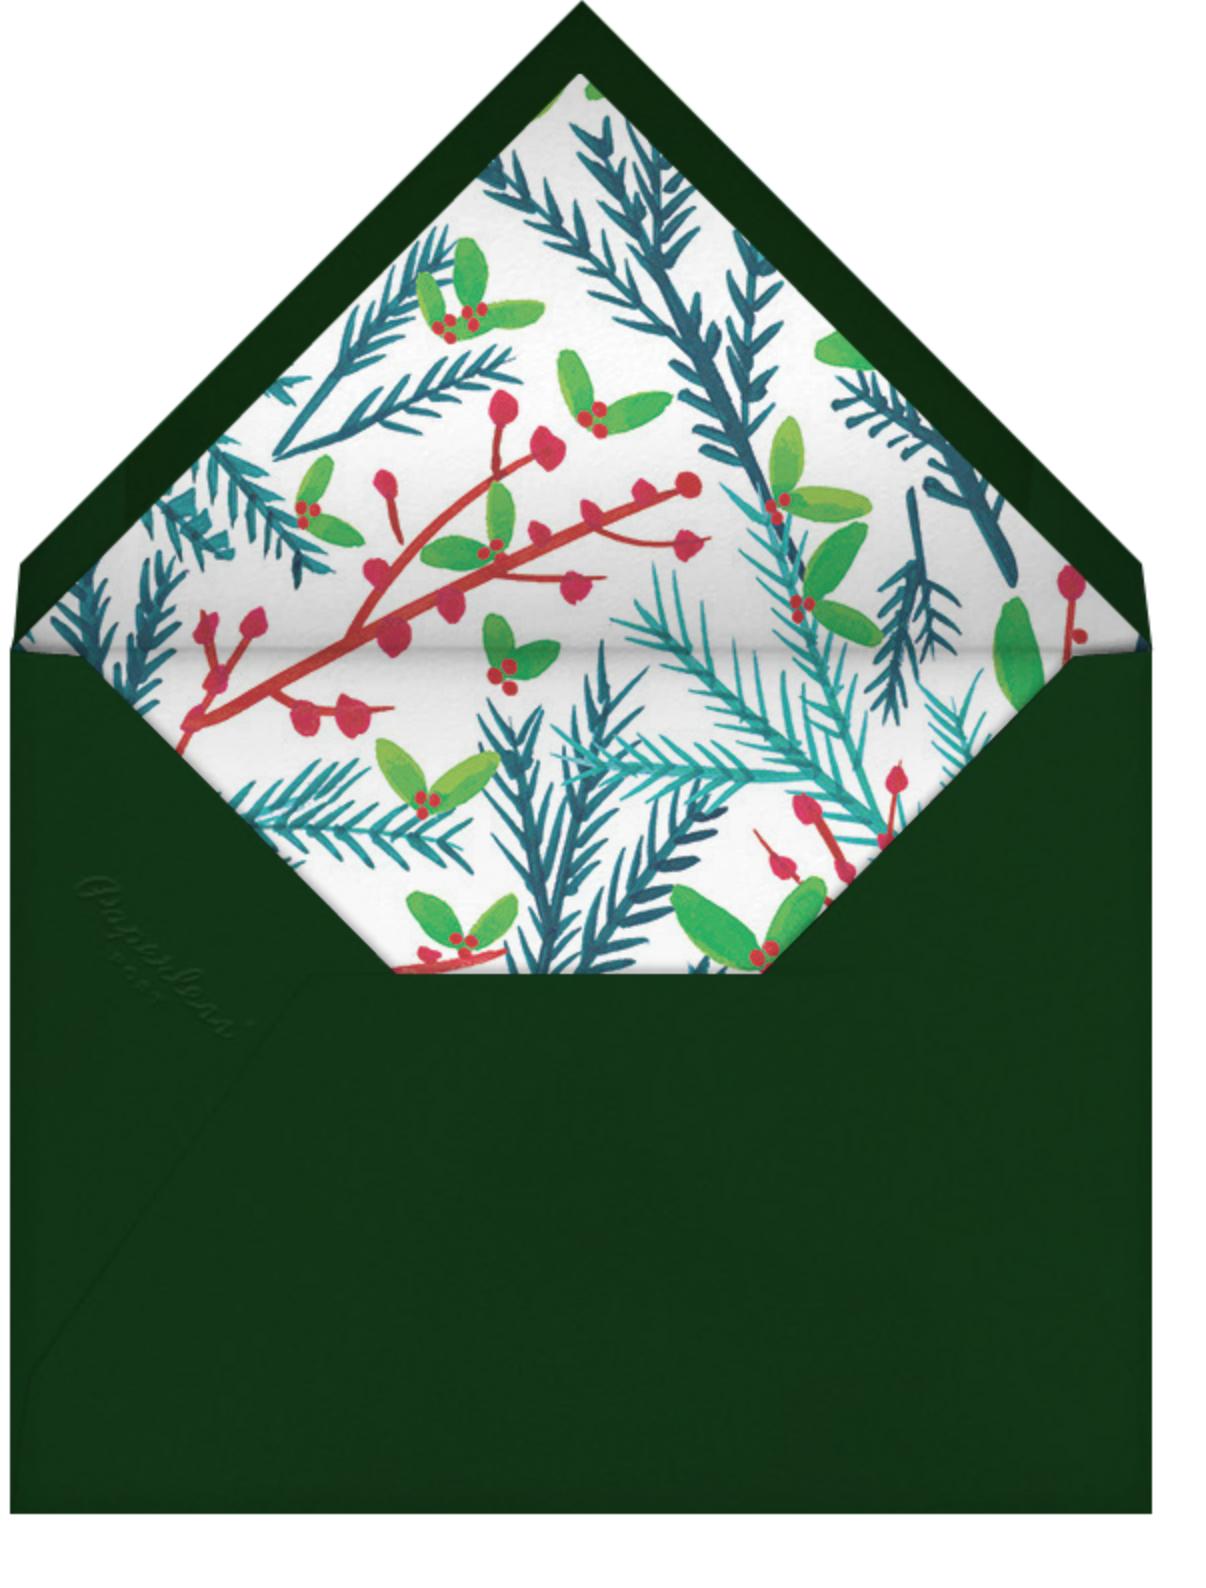 Tis the Season to Be Holly (Multi-Photo) - Mr. Boddington's Studio - Christmas - envelope back